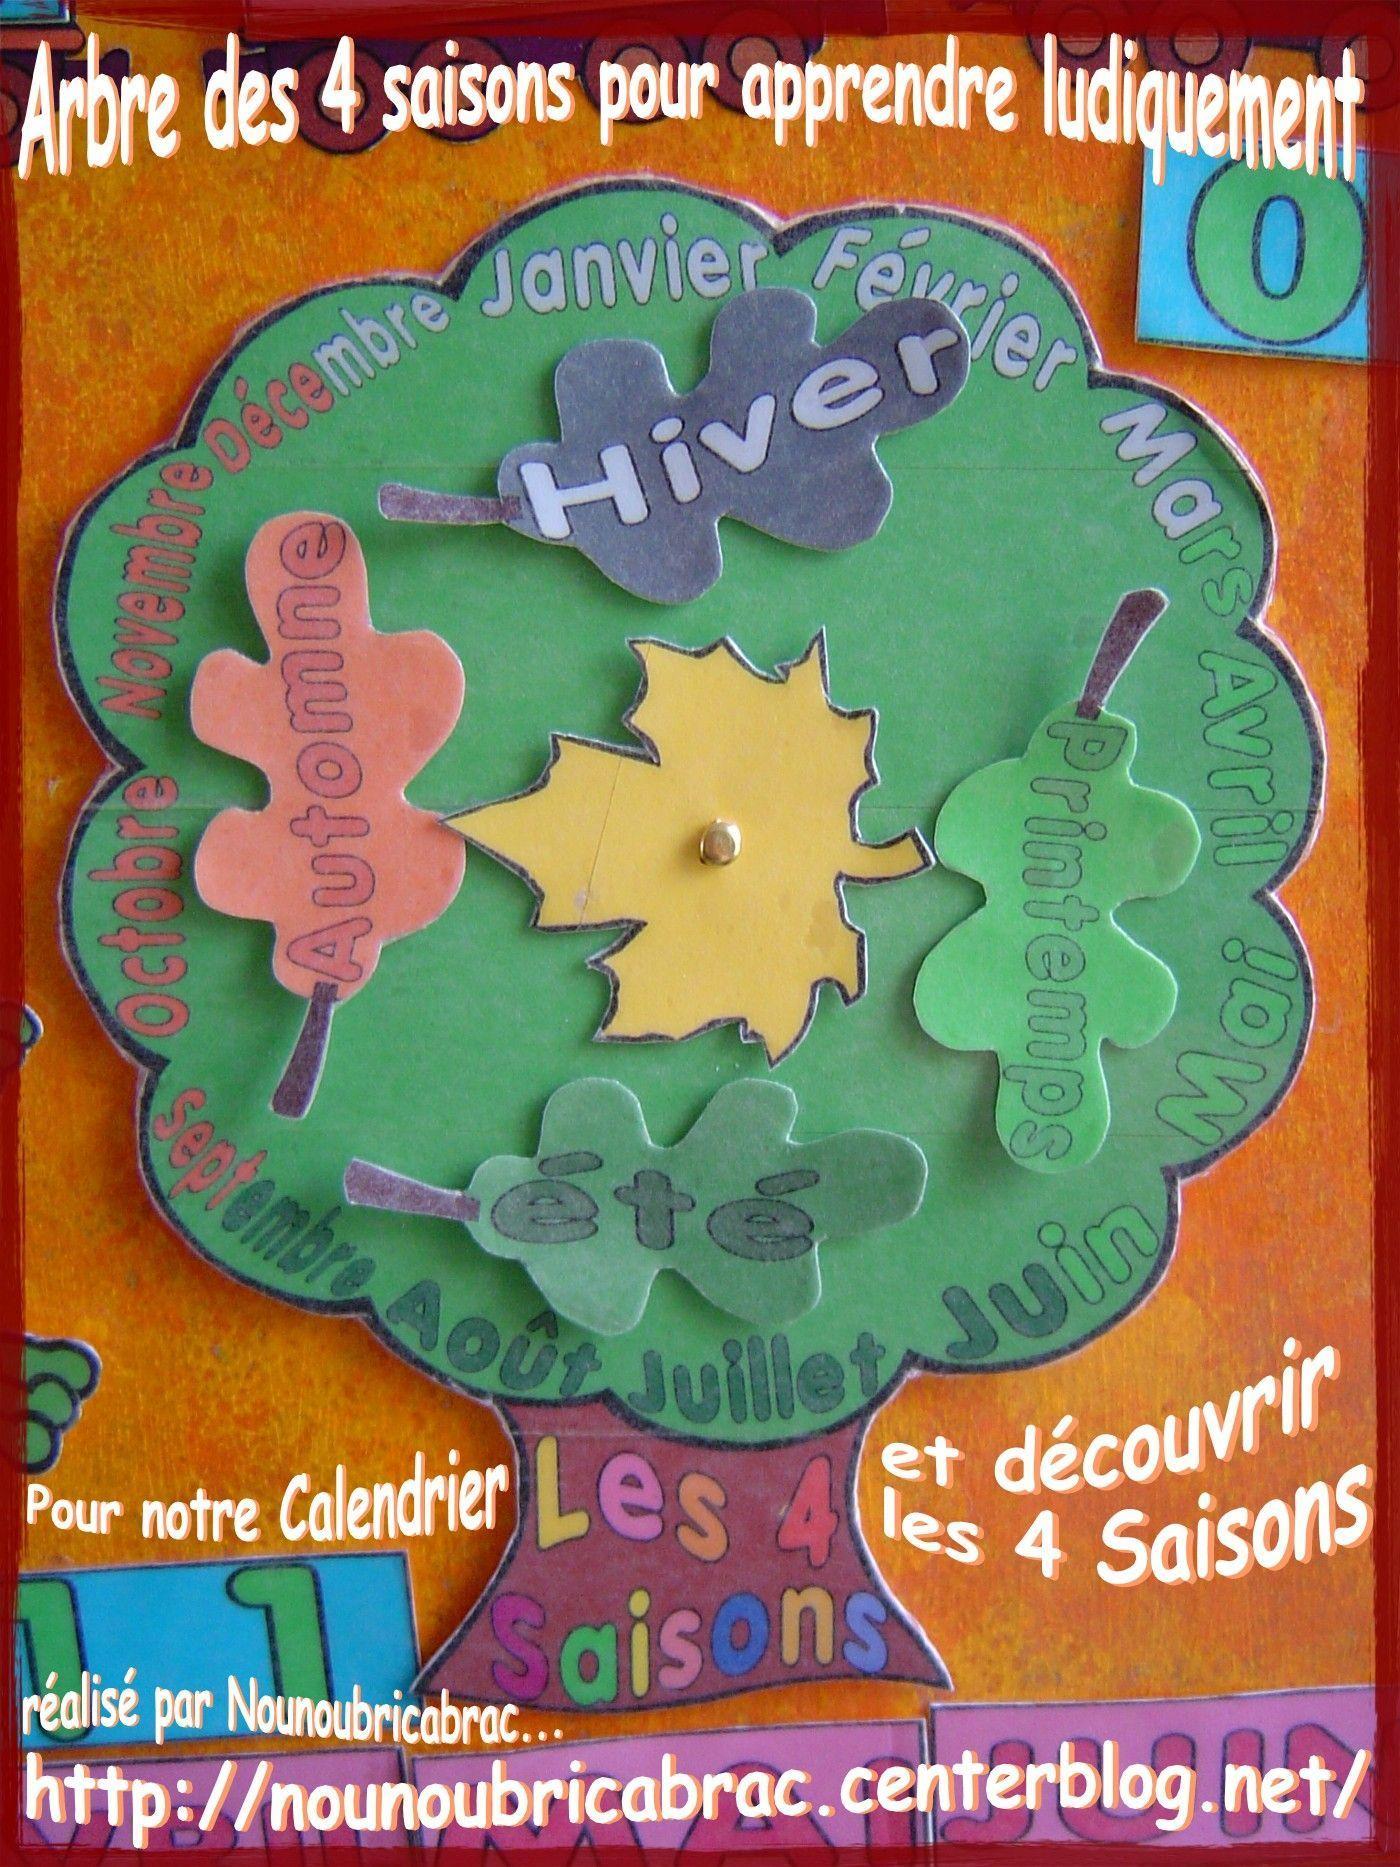 Calendrier Pour Apprendre Ludiquement L'arbre Des 4 Saisons ! encequiconcerne Apprendre Les Saisons En Maternelle